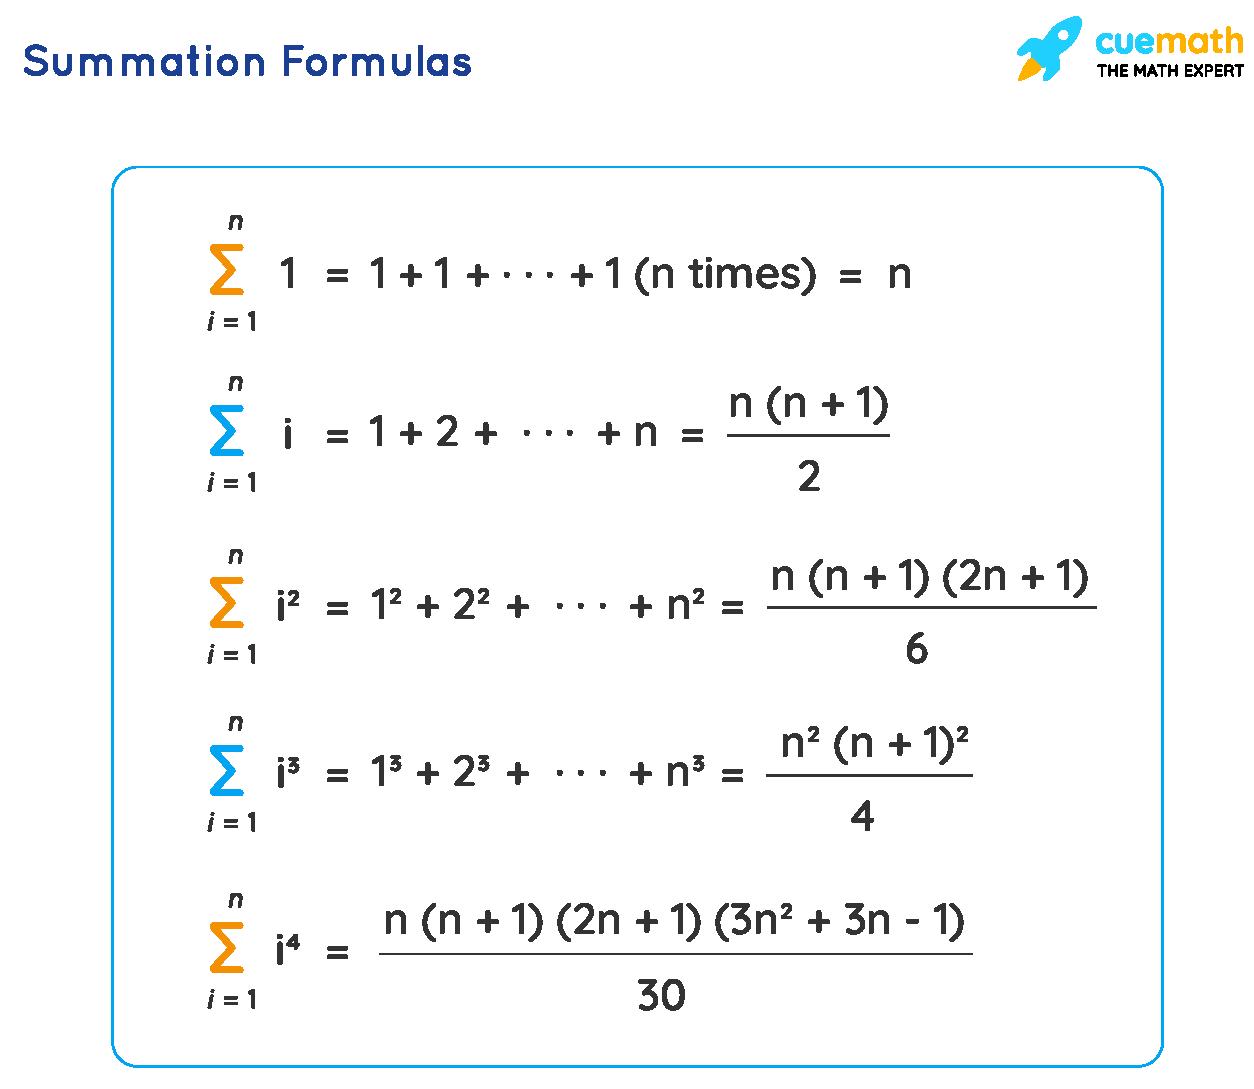 Summation Formulas